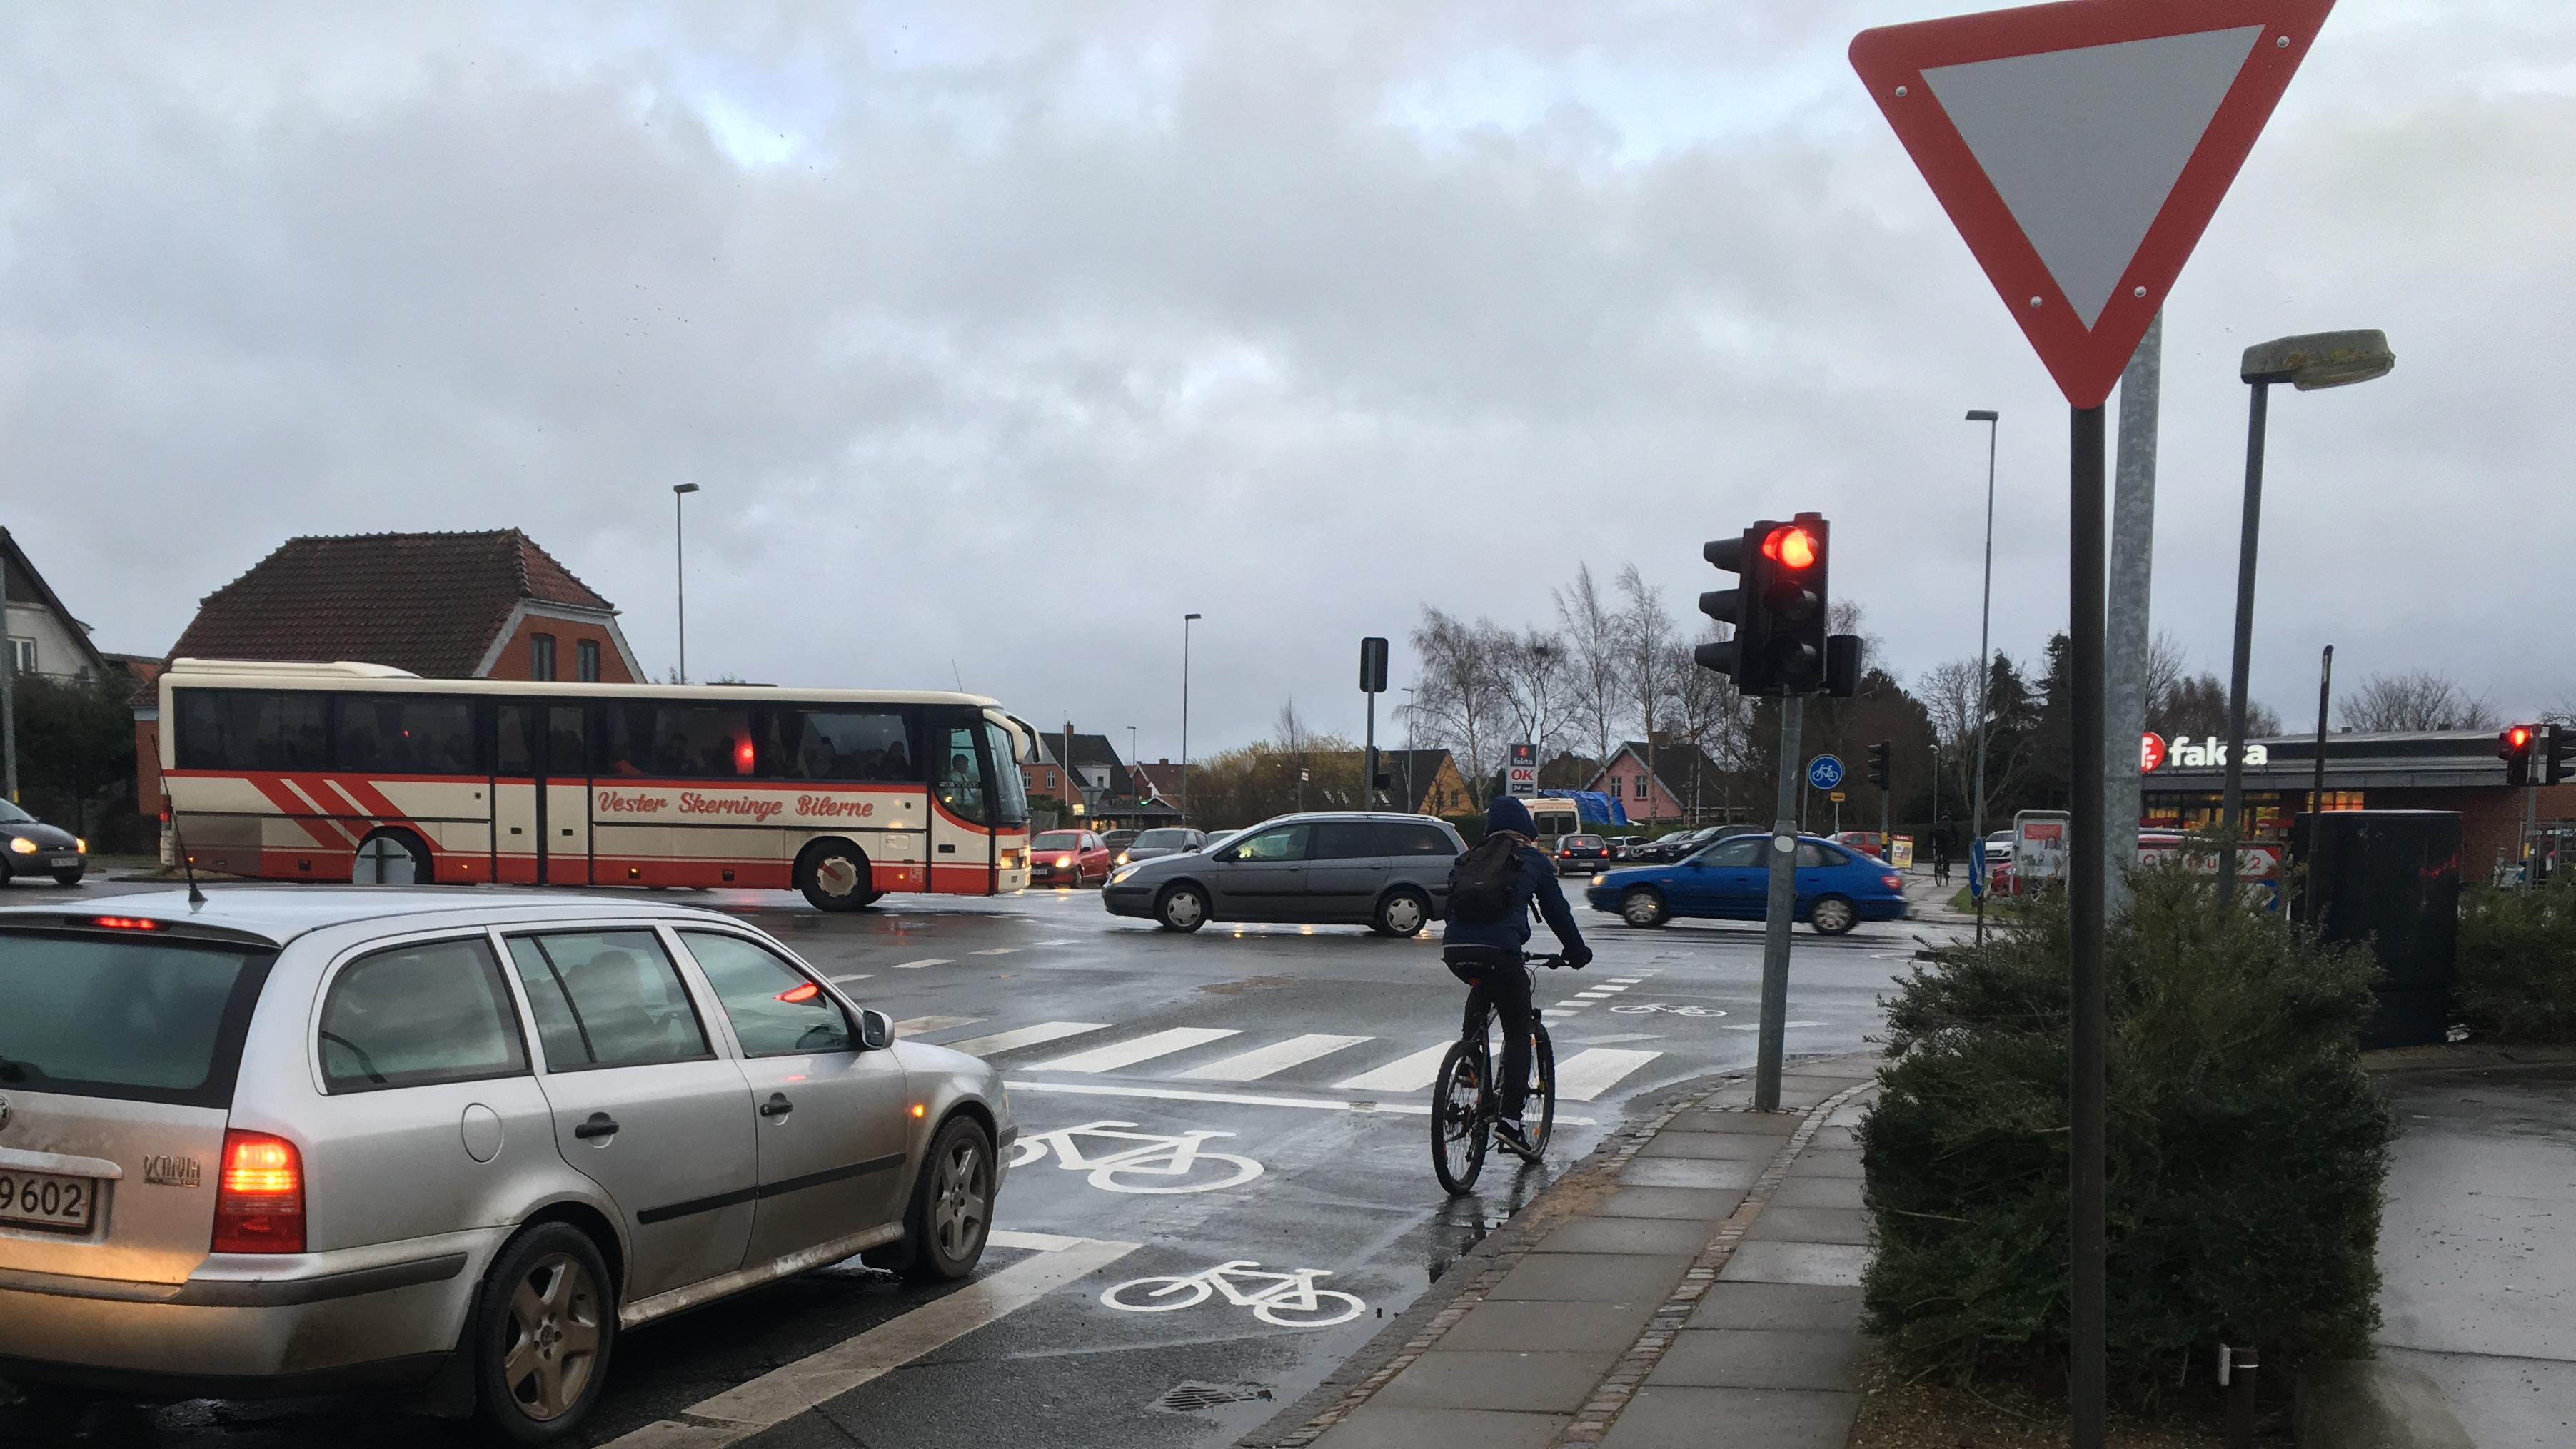 Cykelboks i Svendborg